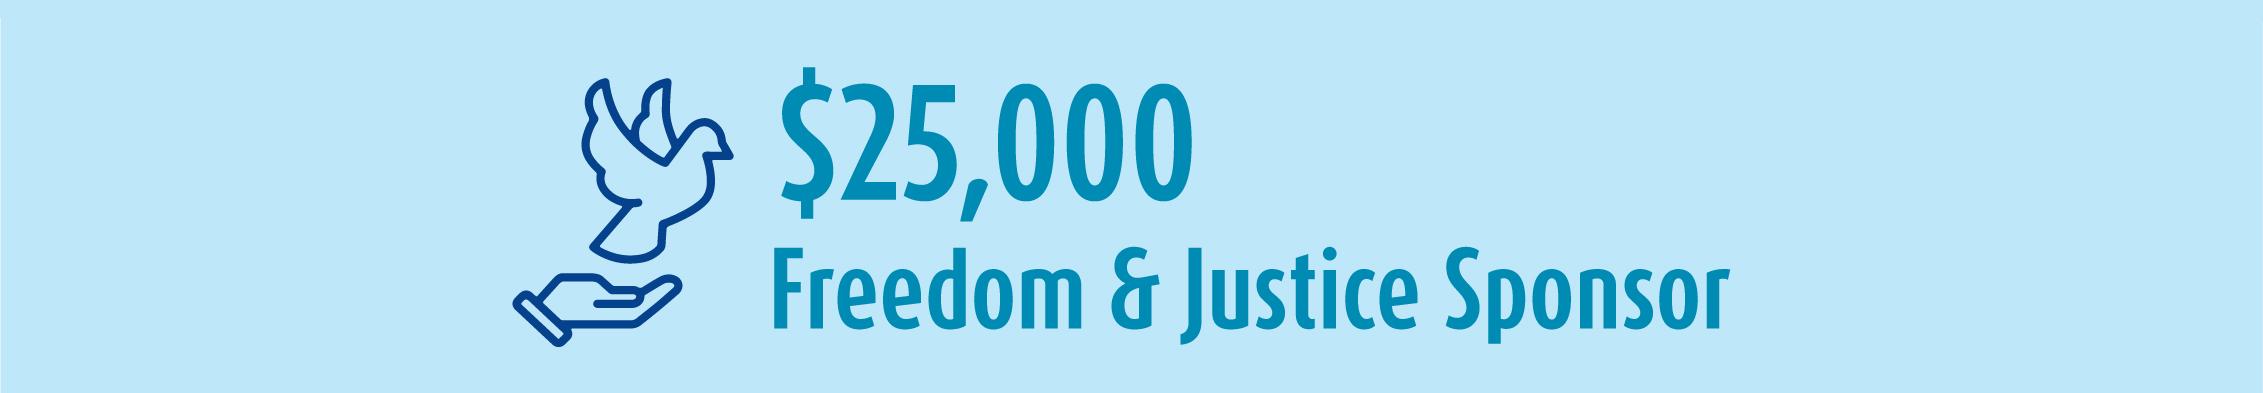 25k Freedom Justice Sponsor banner